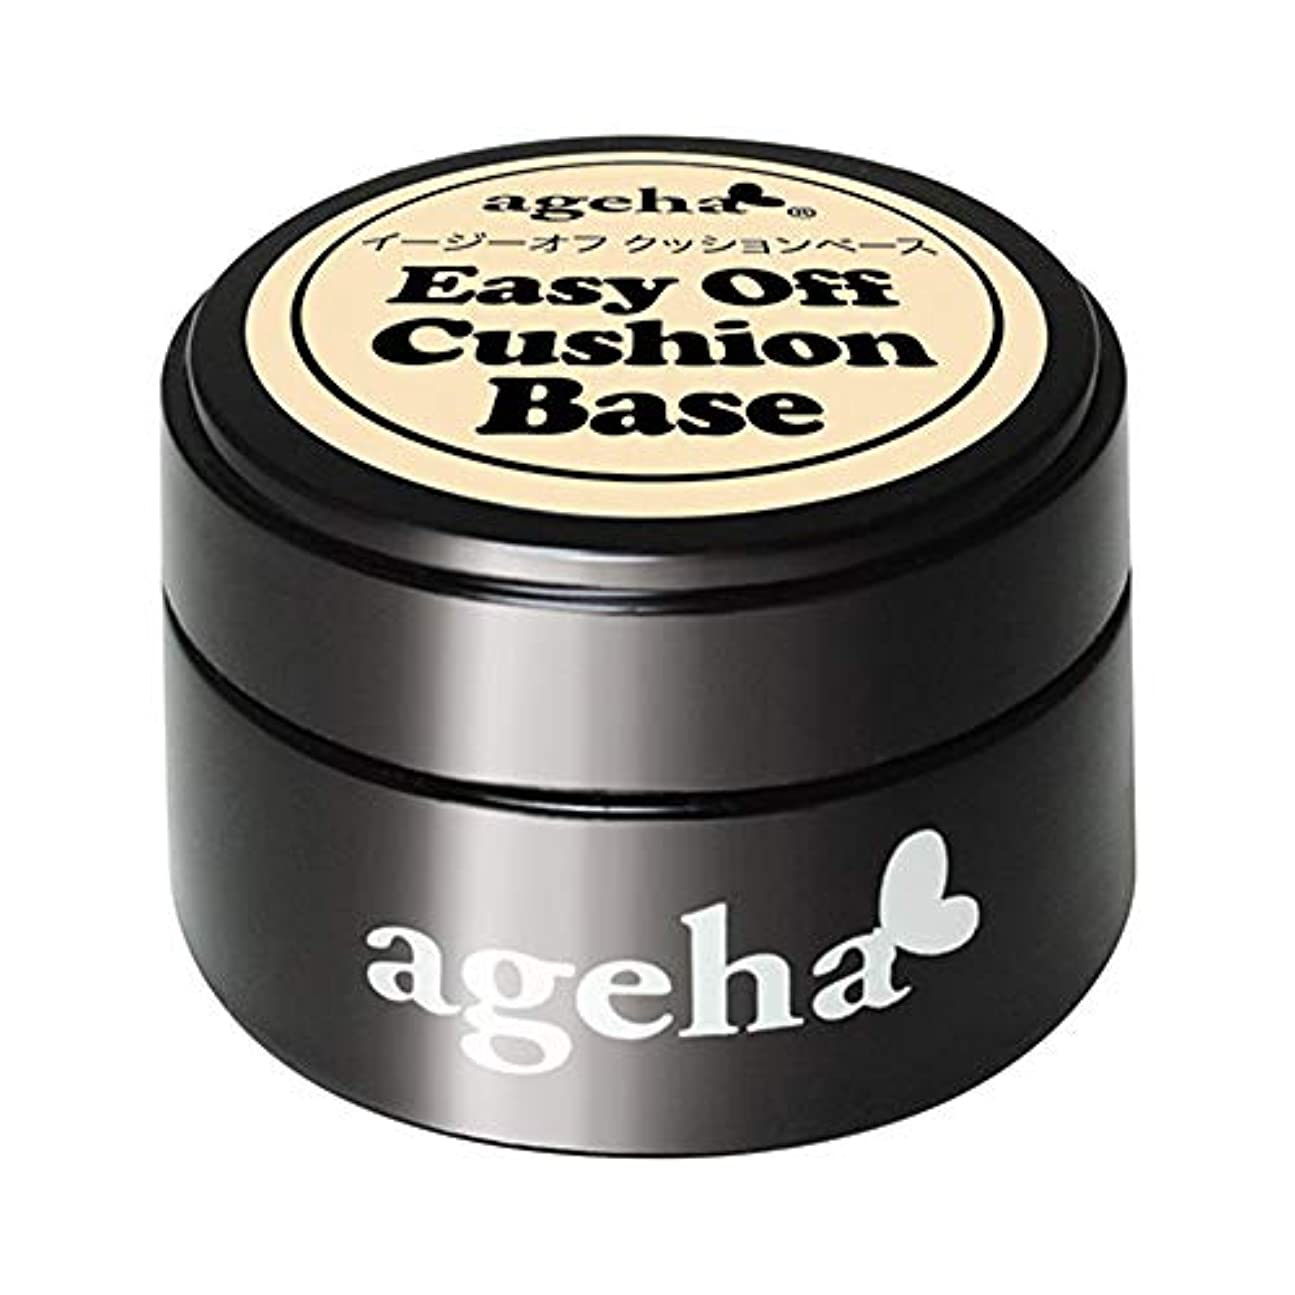 バット薄汚いヒープagehagel(アゲハジェル) ageha イージーオフ クッションベース 7.5g UV/LED対応 ジェルネイル